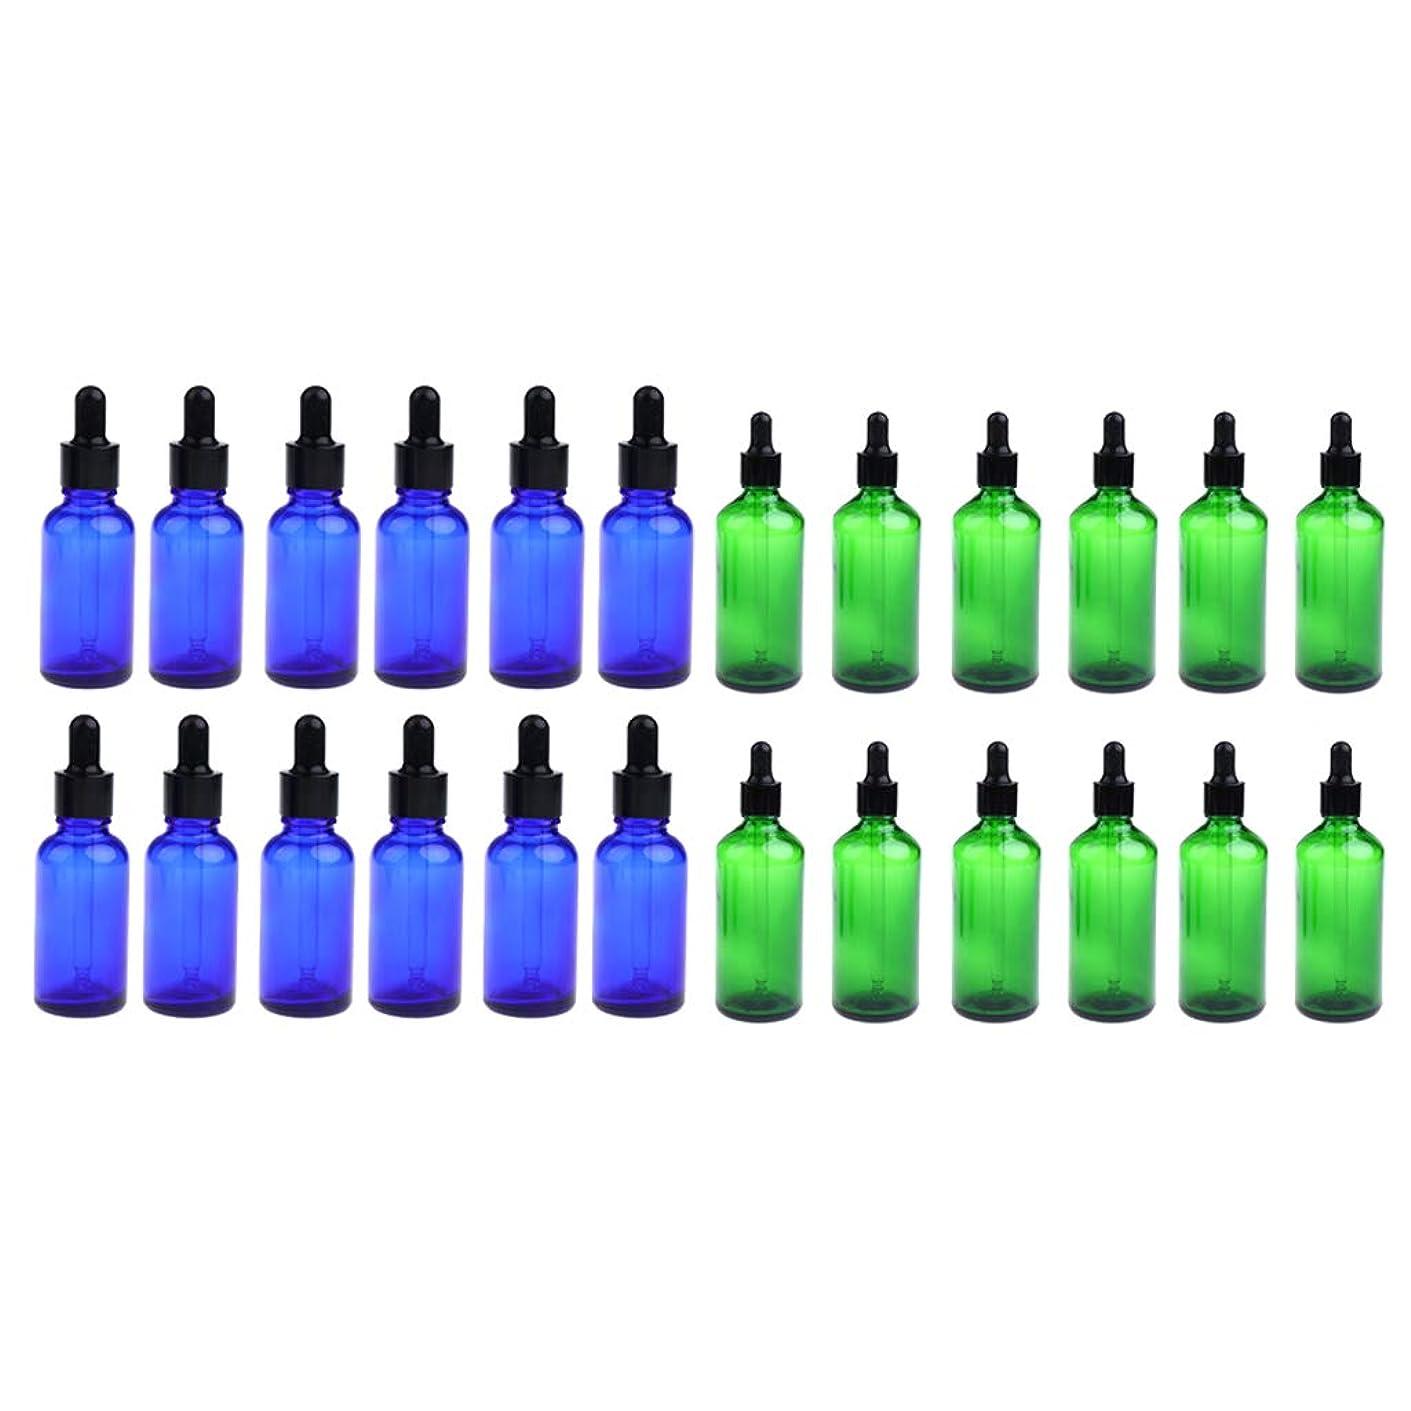 フォーマット説明するズボンsharprepublic スポイト 瓶 遮光 スポイトボトル 30ml エッセンシャルオイル アロマ セラピー バイアル